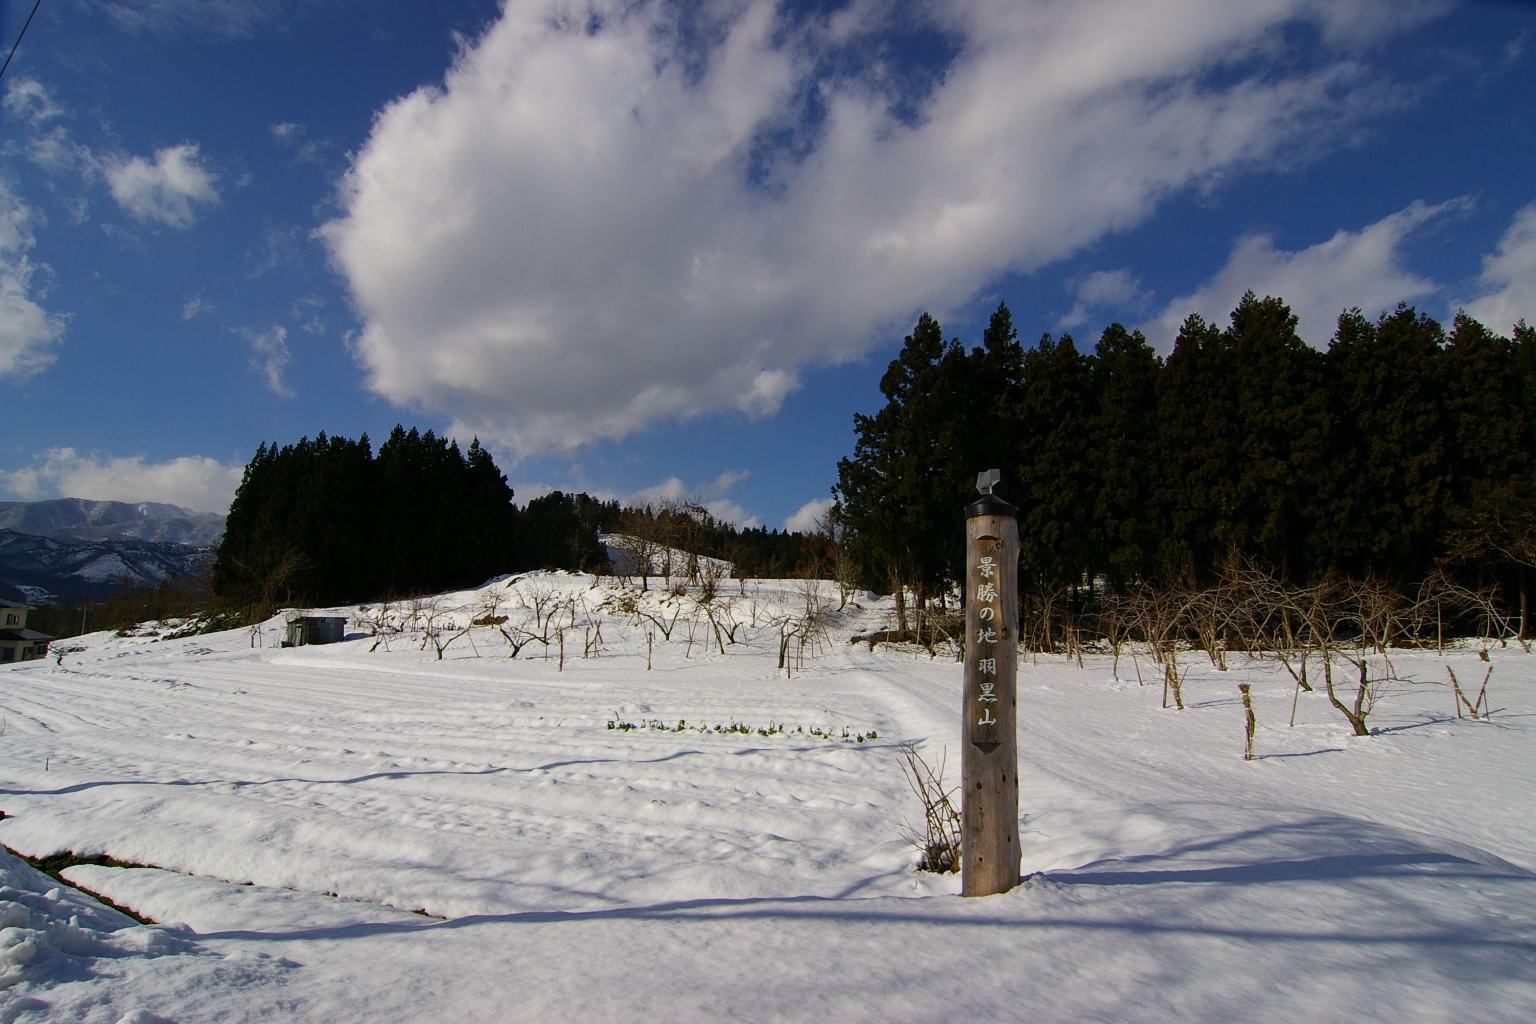 村山市 雪の風景です